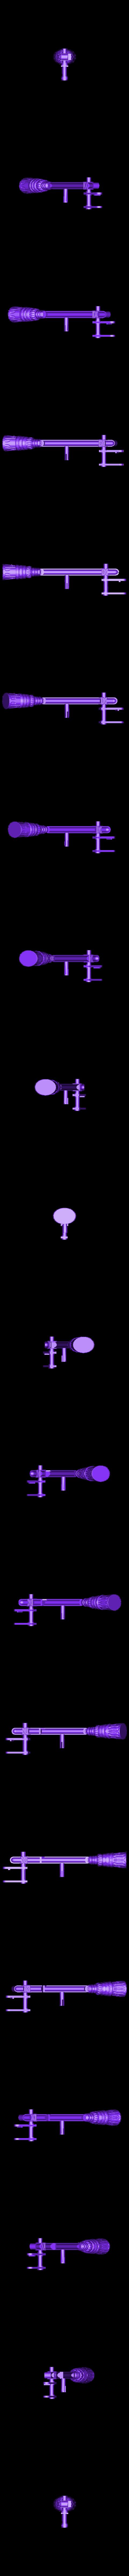 mousetrap-blue-broom.stl Télécharger fichier STL gratuit TortureTrap : une extension du piège à souris • Objet pour impression 3D, mrhers2